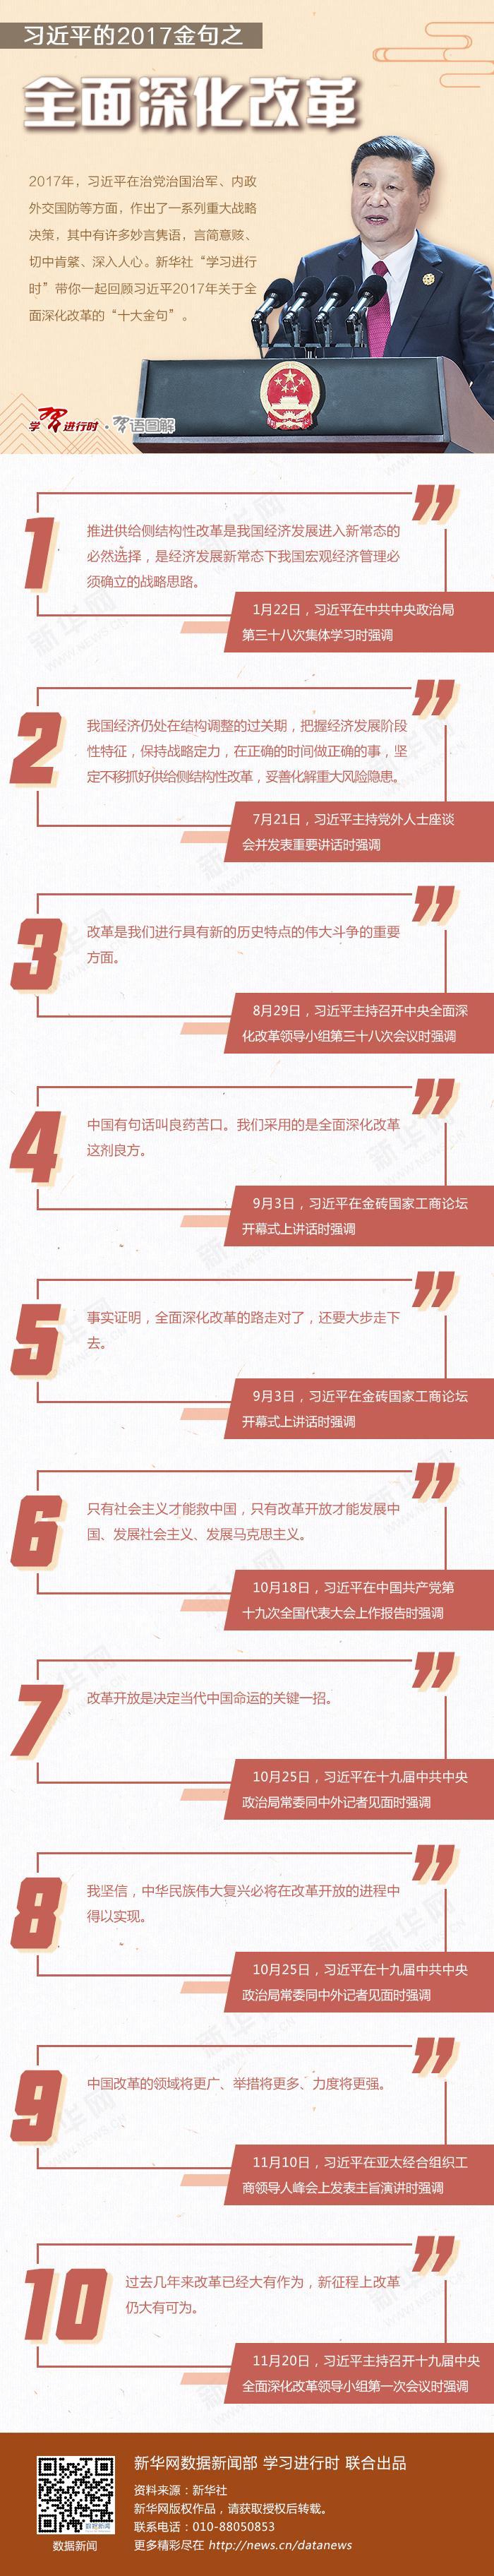 习近平的2017金句之全面深化改革